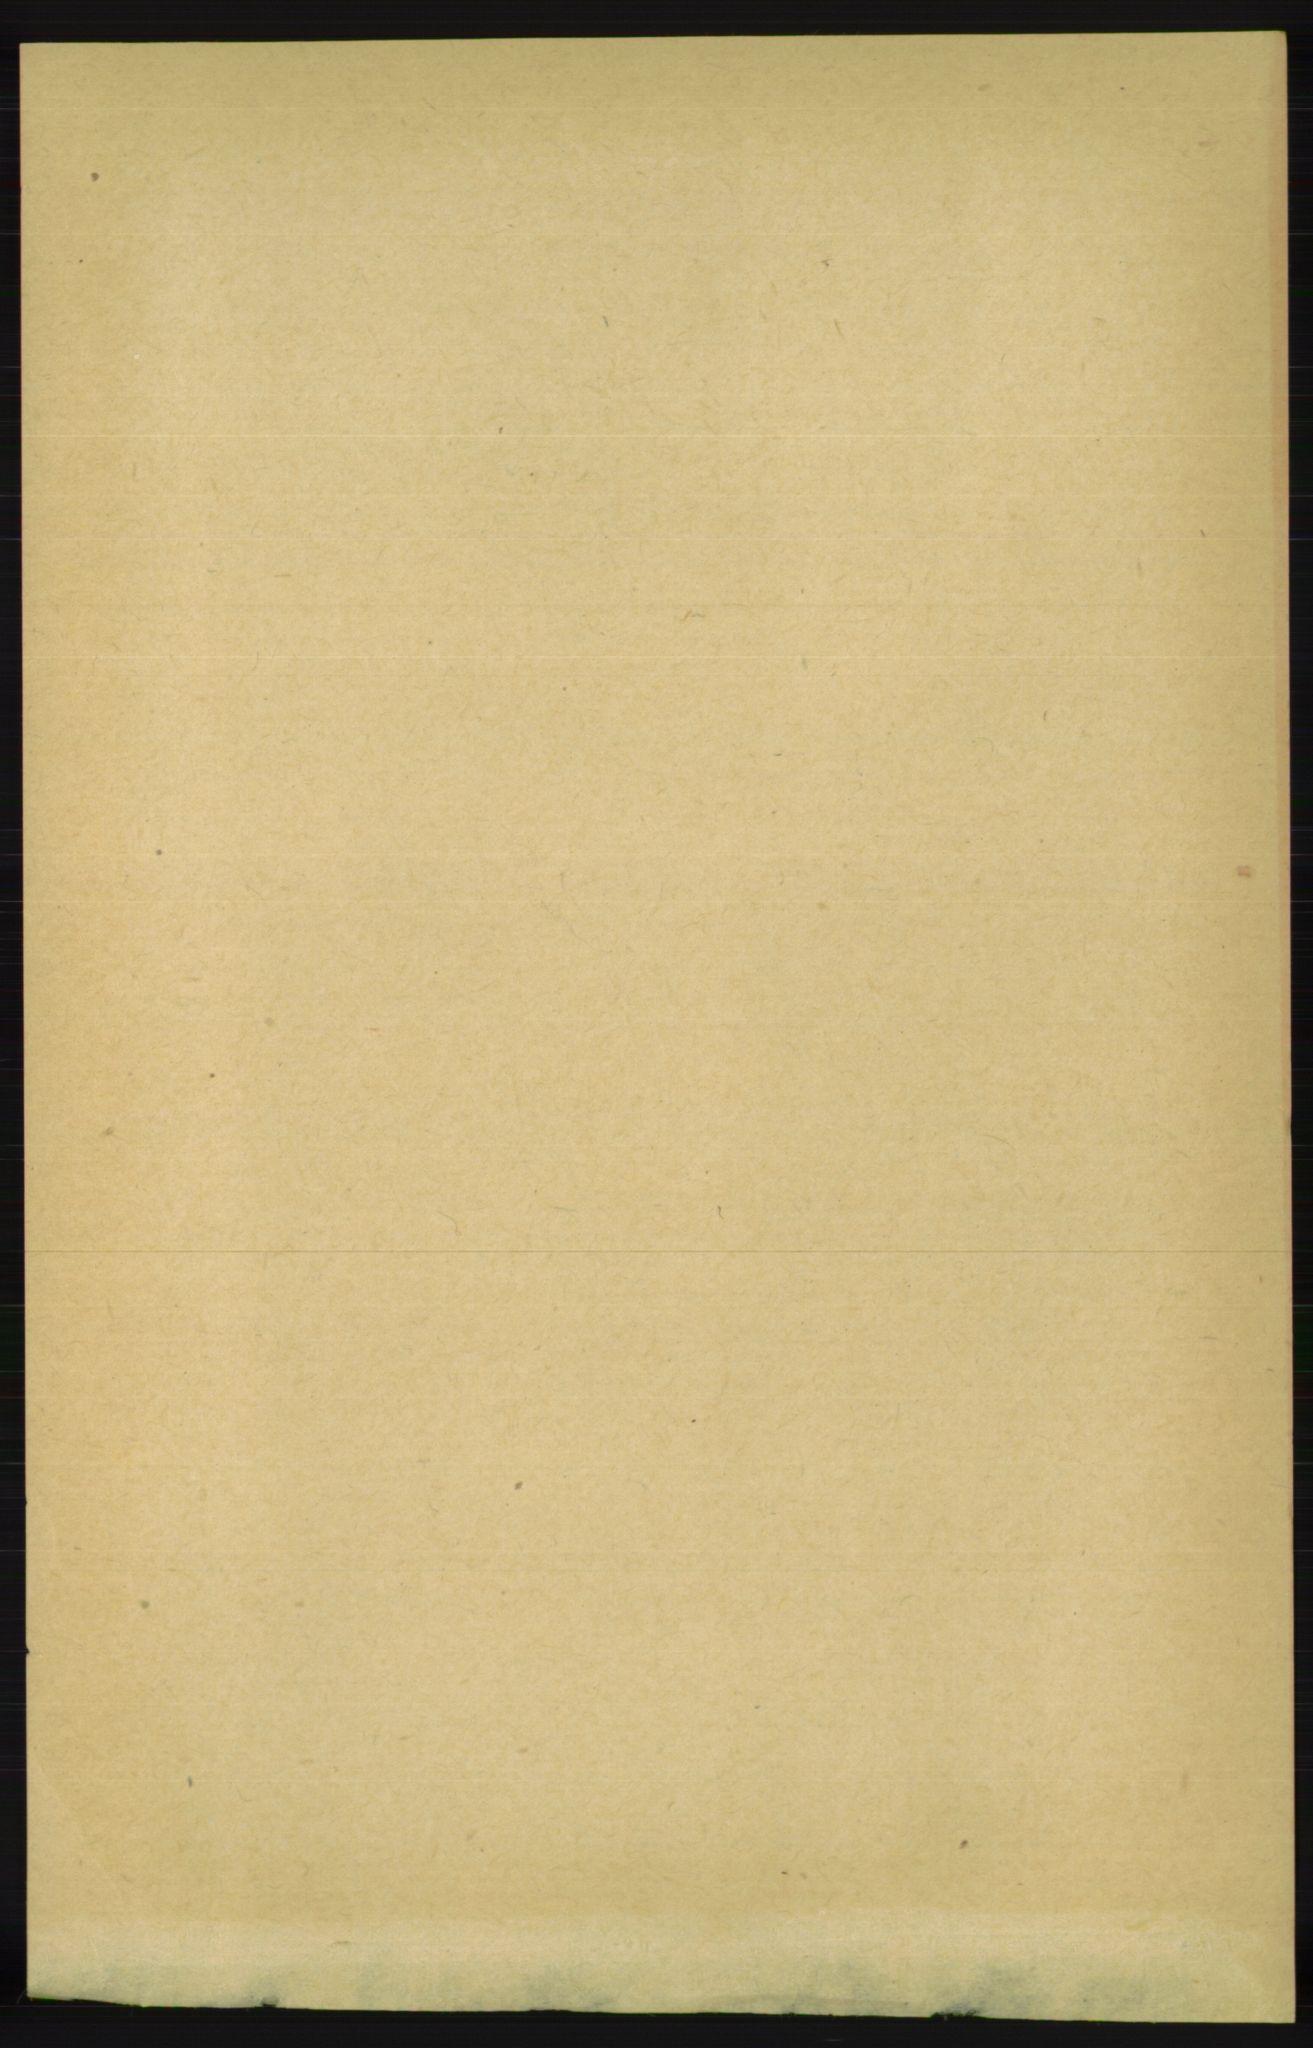 RA, Folketelling 1891 for 1041 Vanse herred, 1891, s. 4087